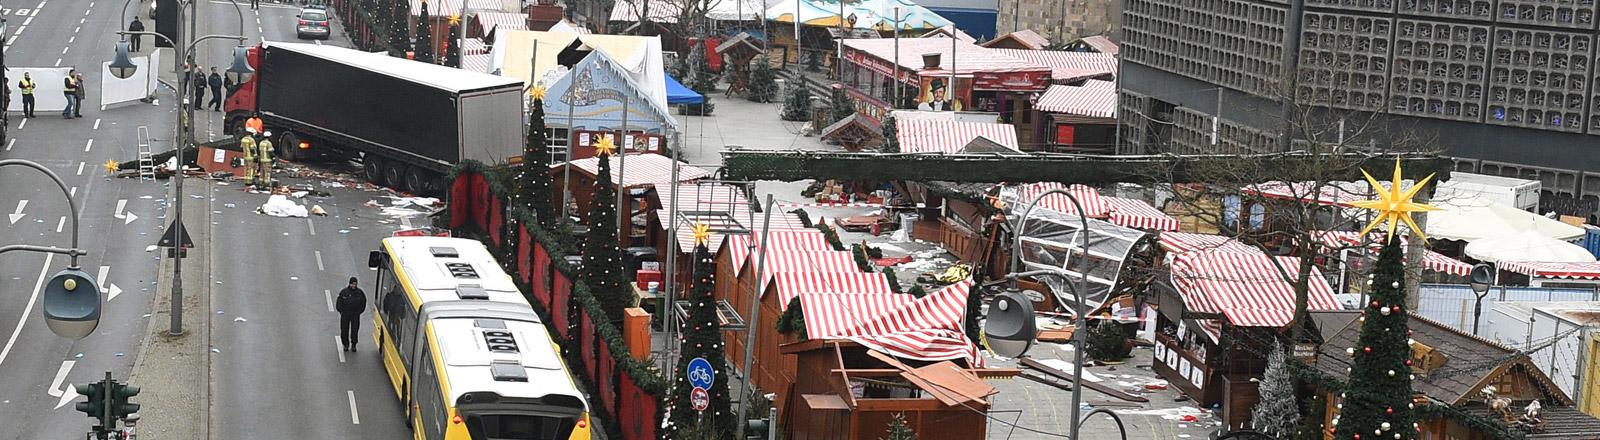 Weihnachtsmarkt in Berlin